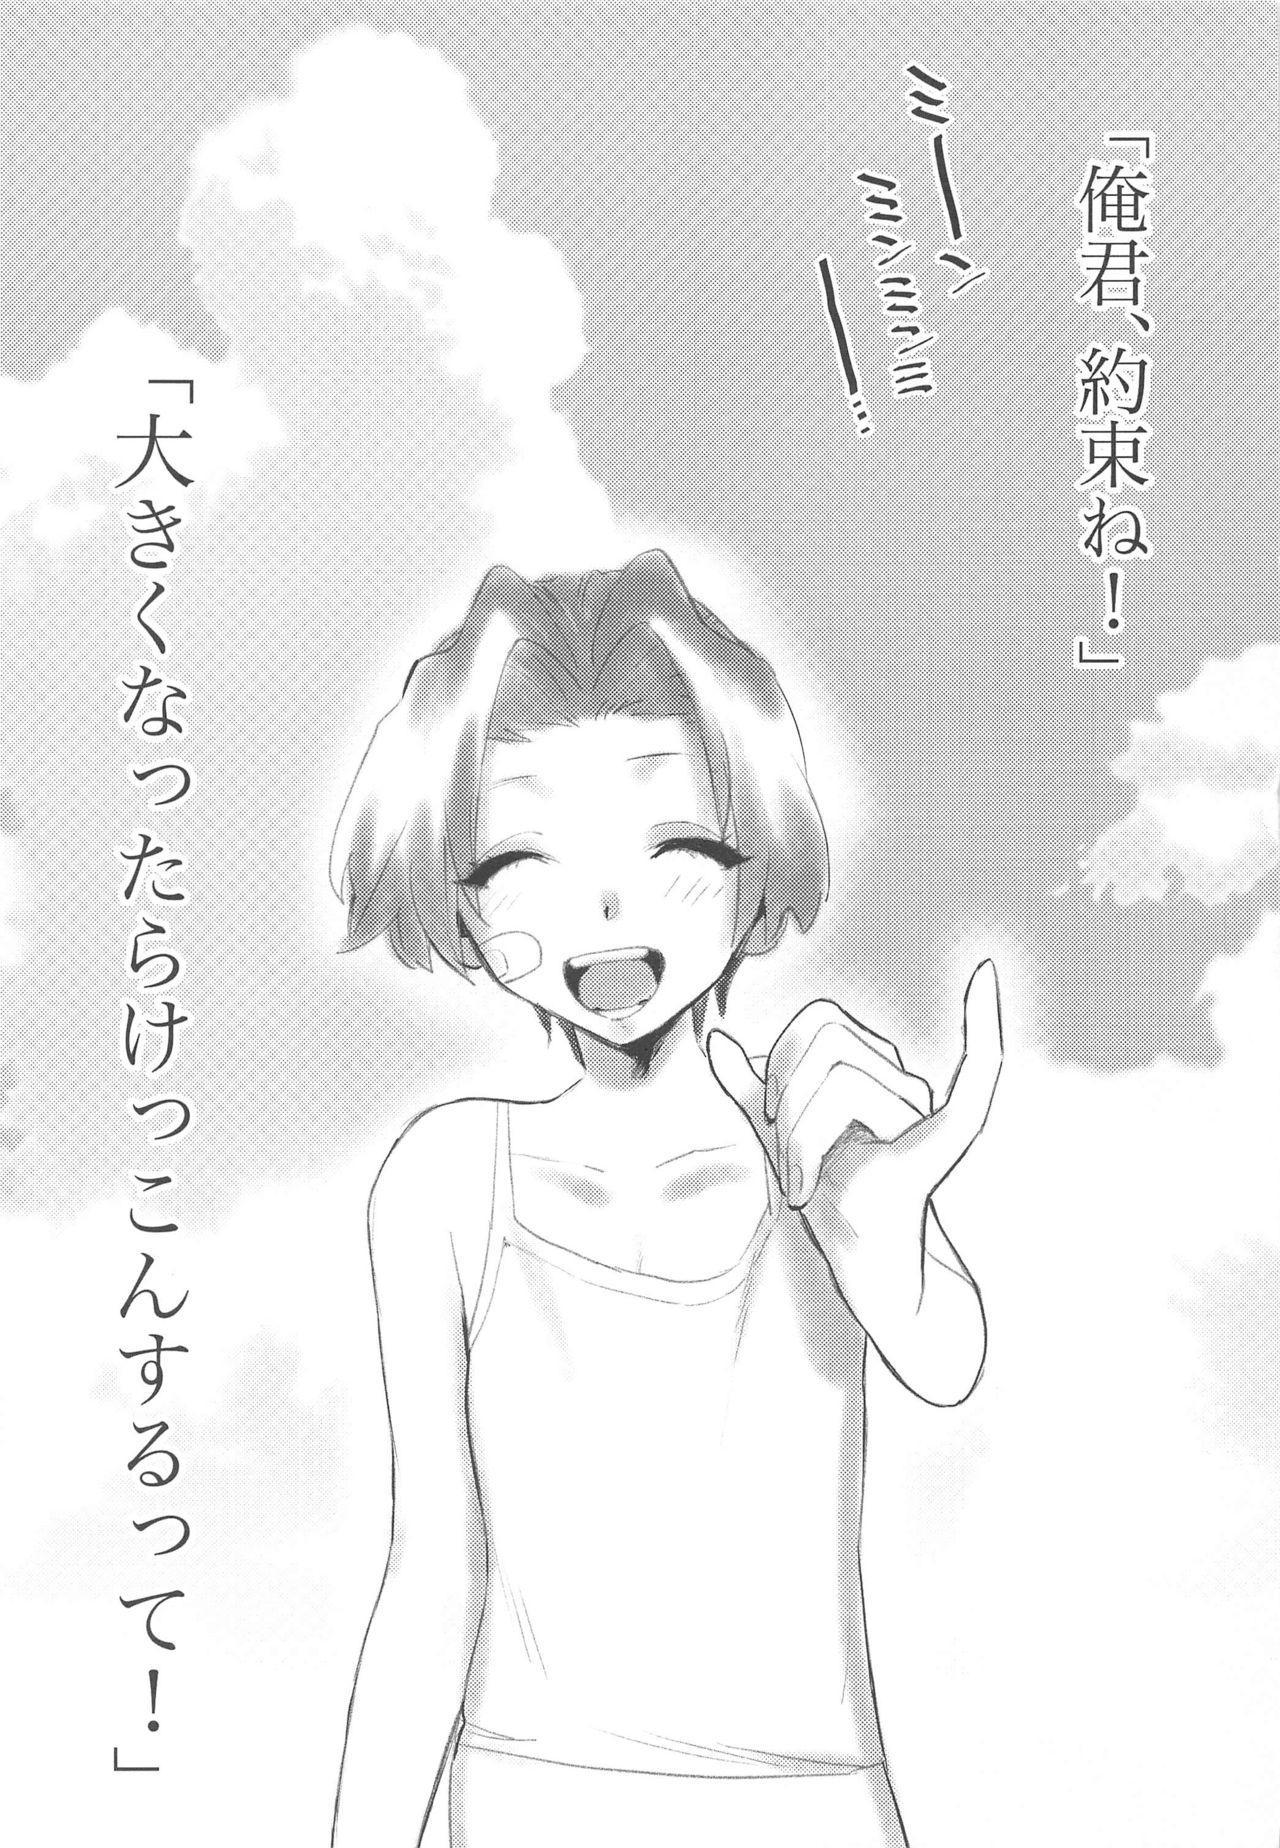 Watashi, Kono Hito ni Otosaremashita. 1